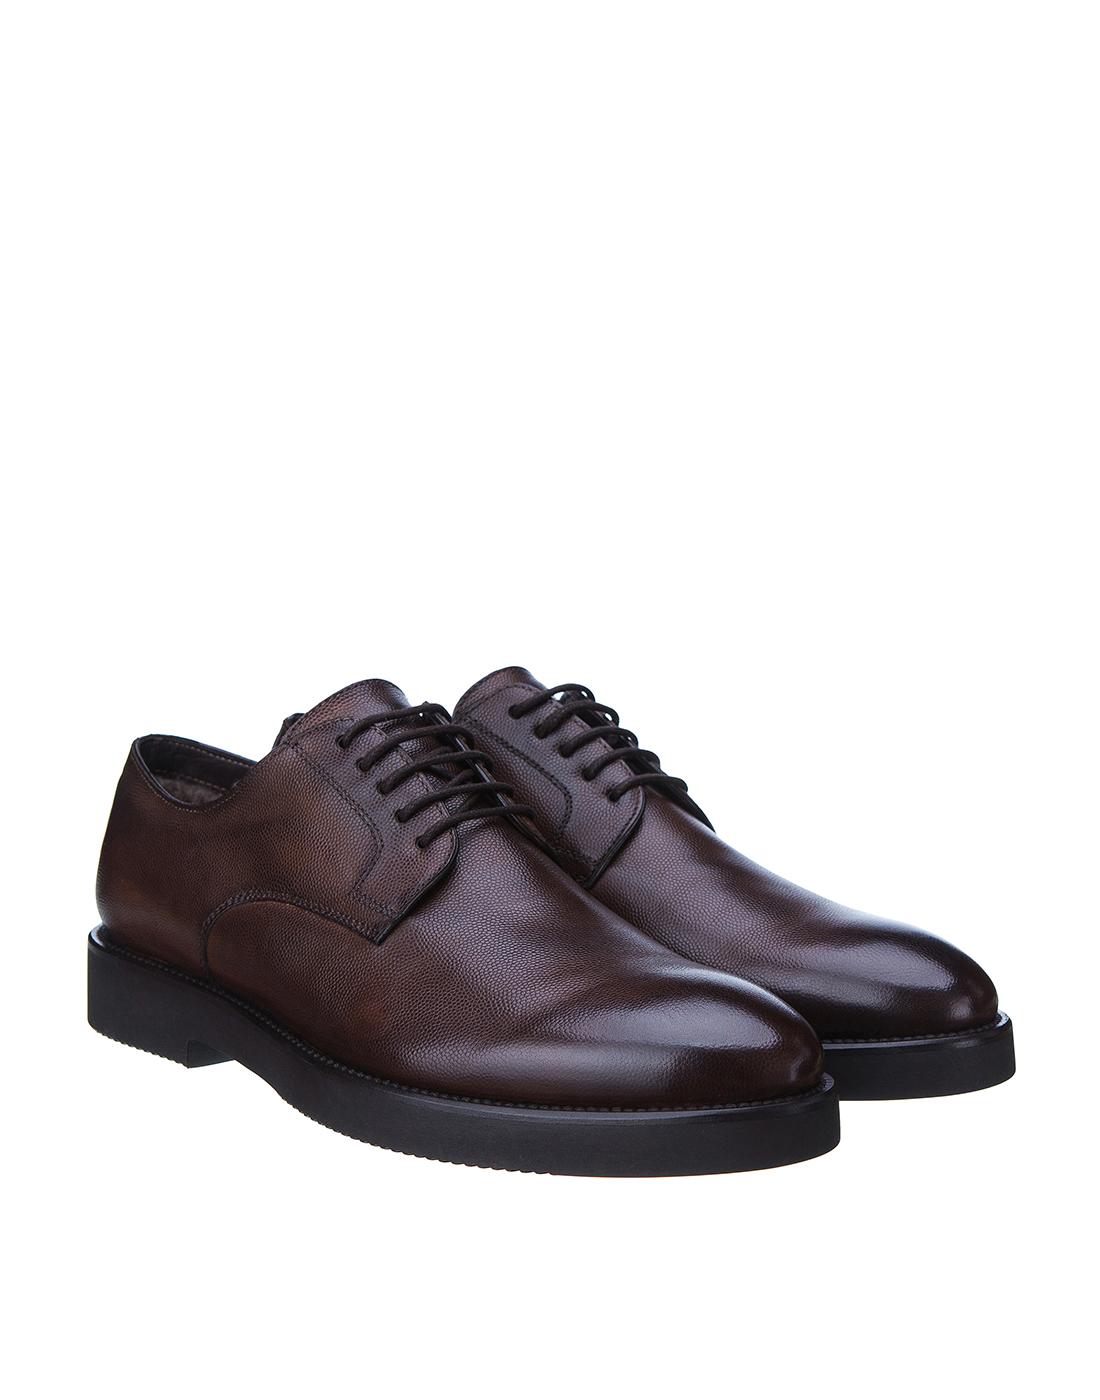 Туфли коричневые мужские Brecos S8109-2